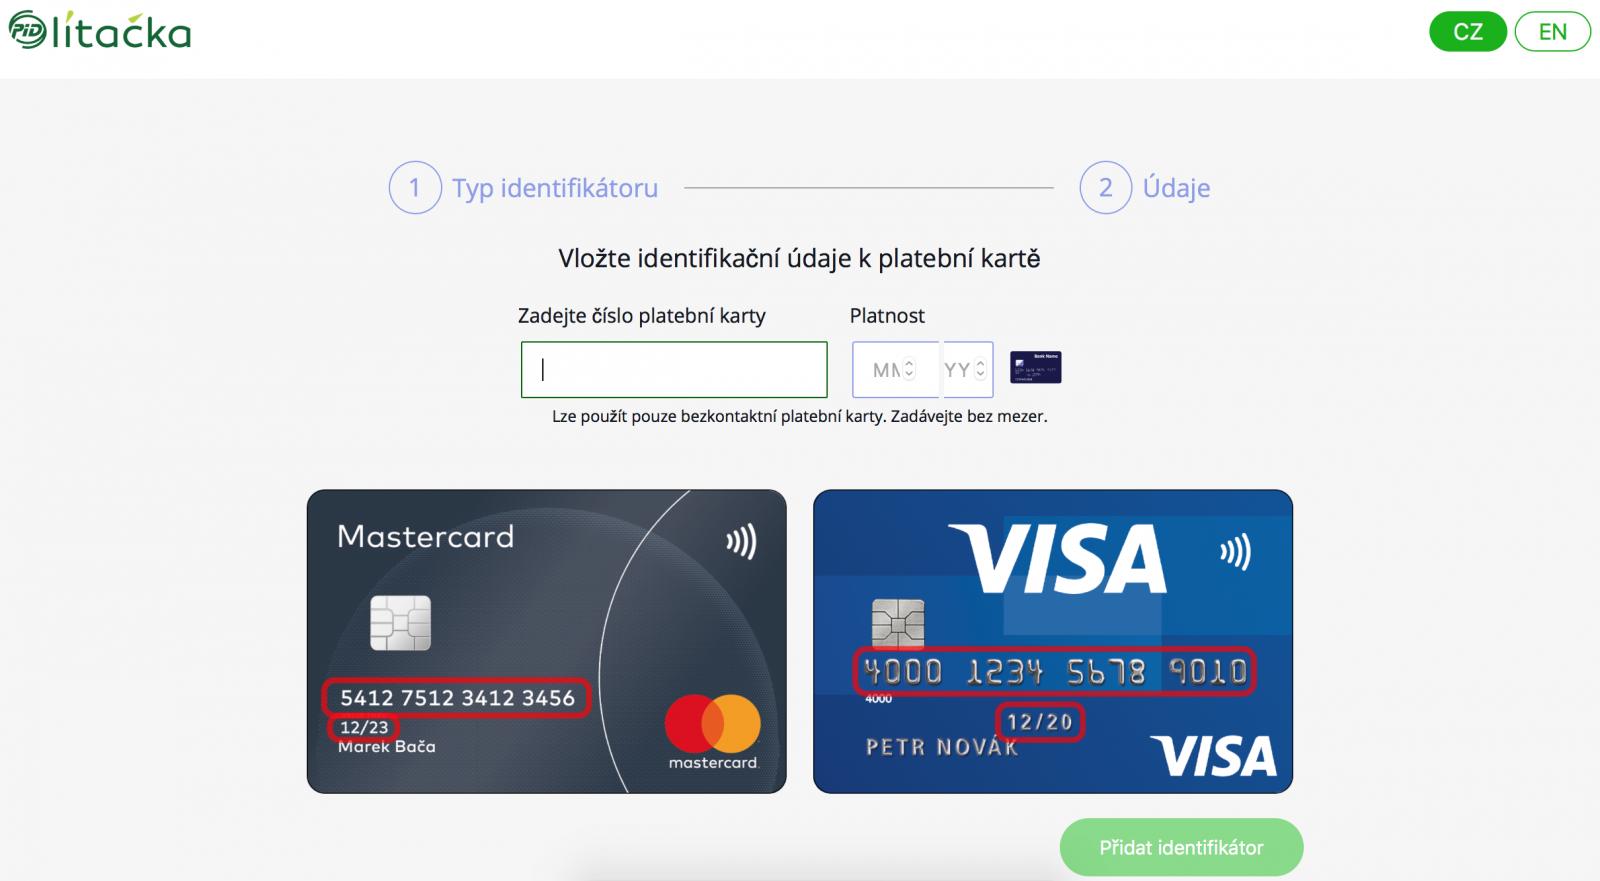 PID Lítačka: Nahrání jízdného na platební kartu